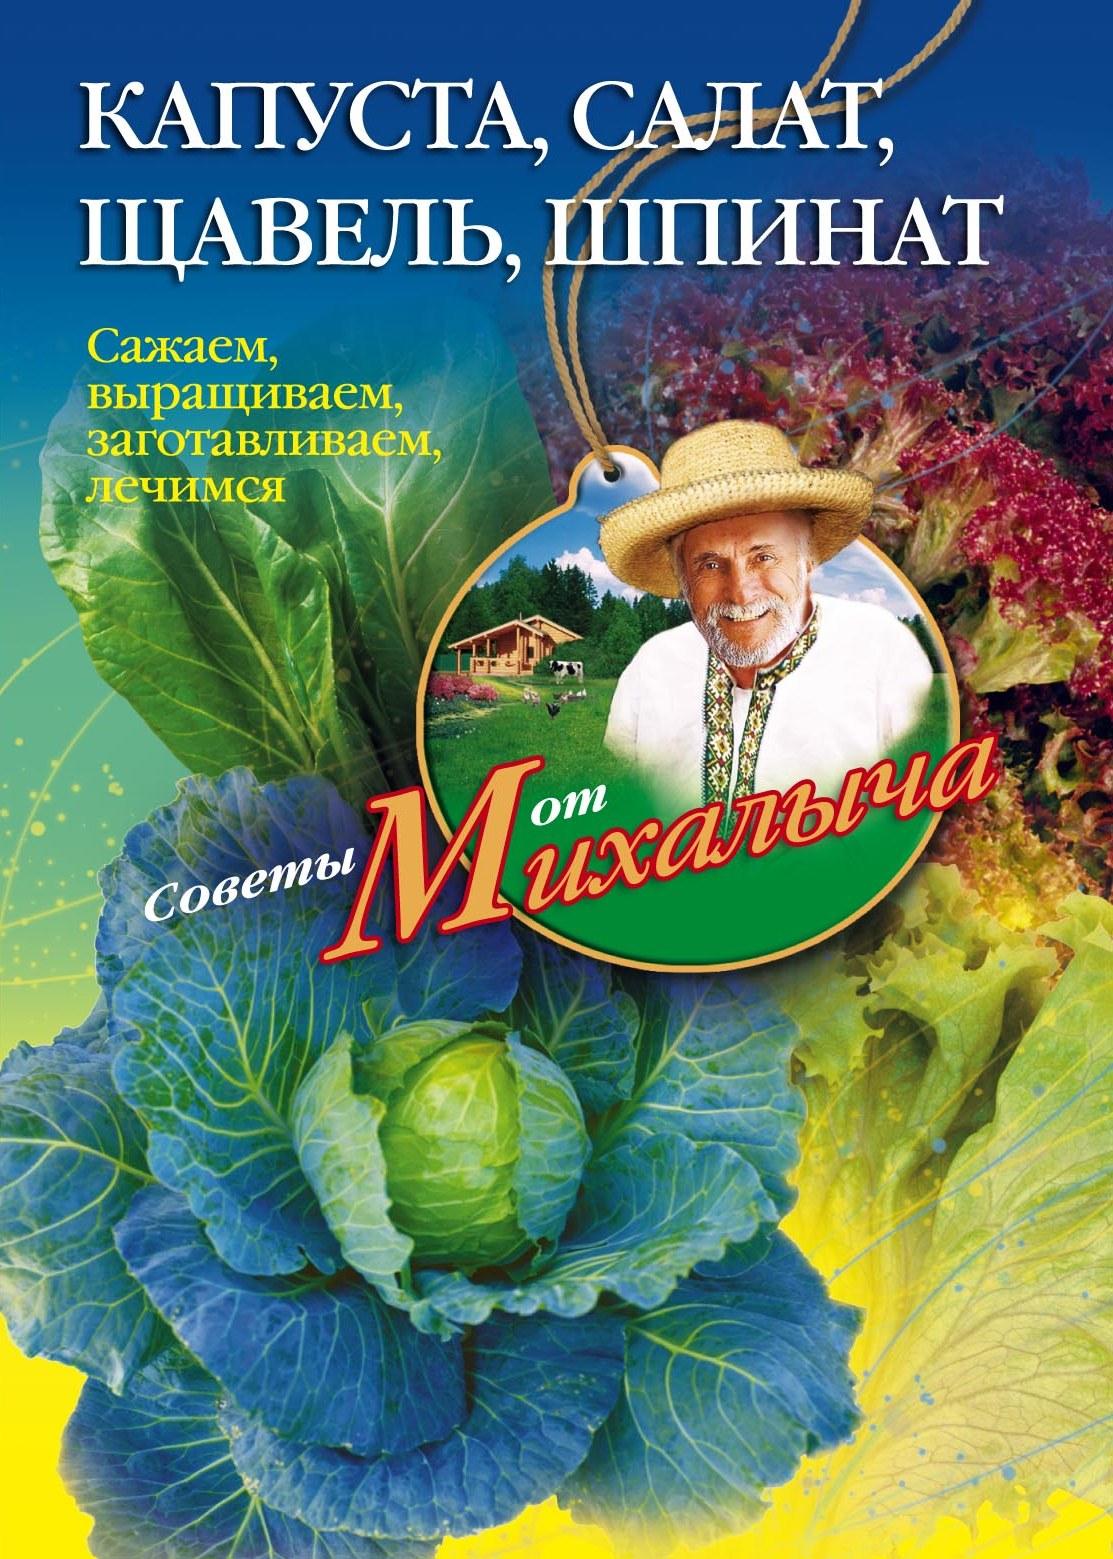 Николай Звонарев Капуста, салат, щавель, шпинат. Сажаем, выращиваем, заготавливаем, лечимся футболка щавель